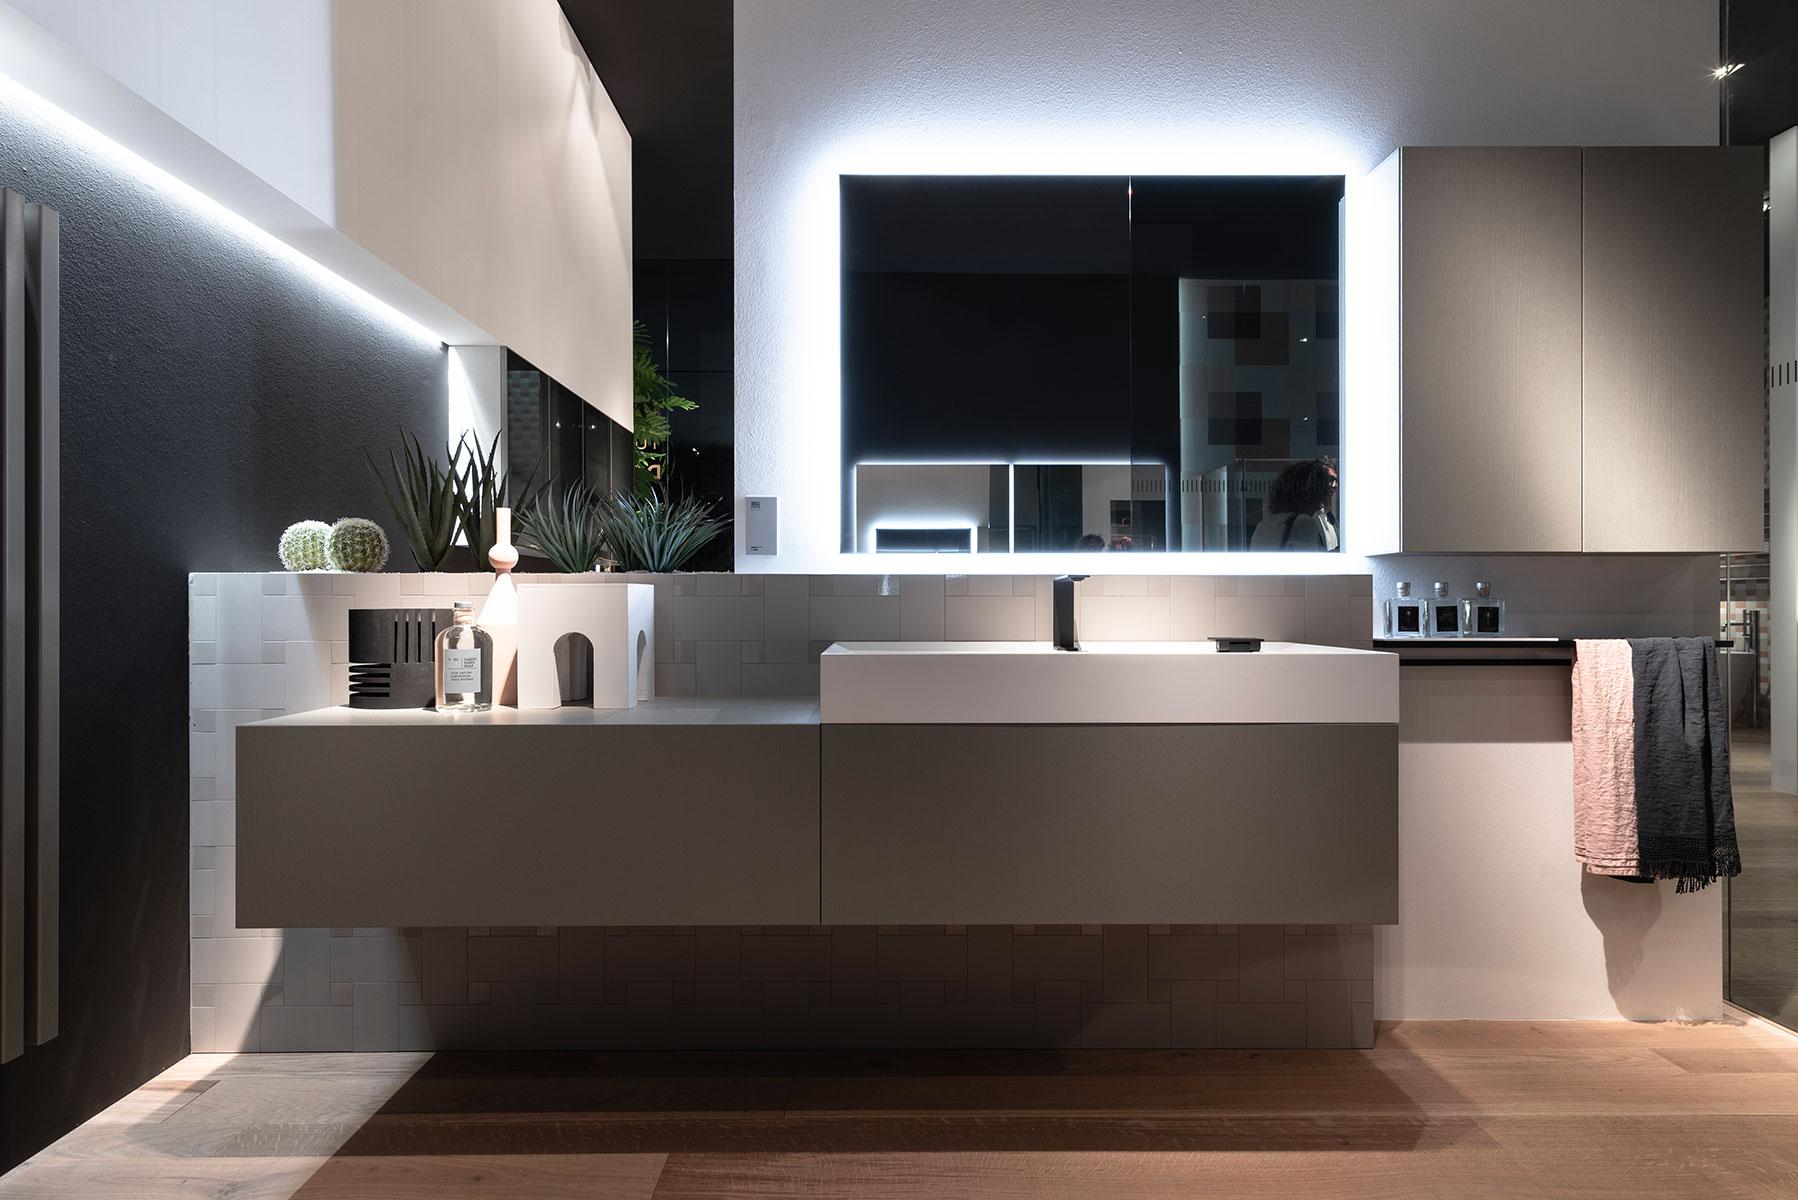 Ideagroup il colore nella stanza da bagno contemporanea 5 ideagroup blog - Stanza da pranzo contemporanea ...